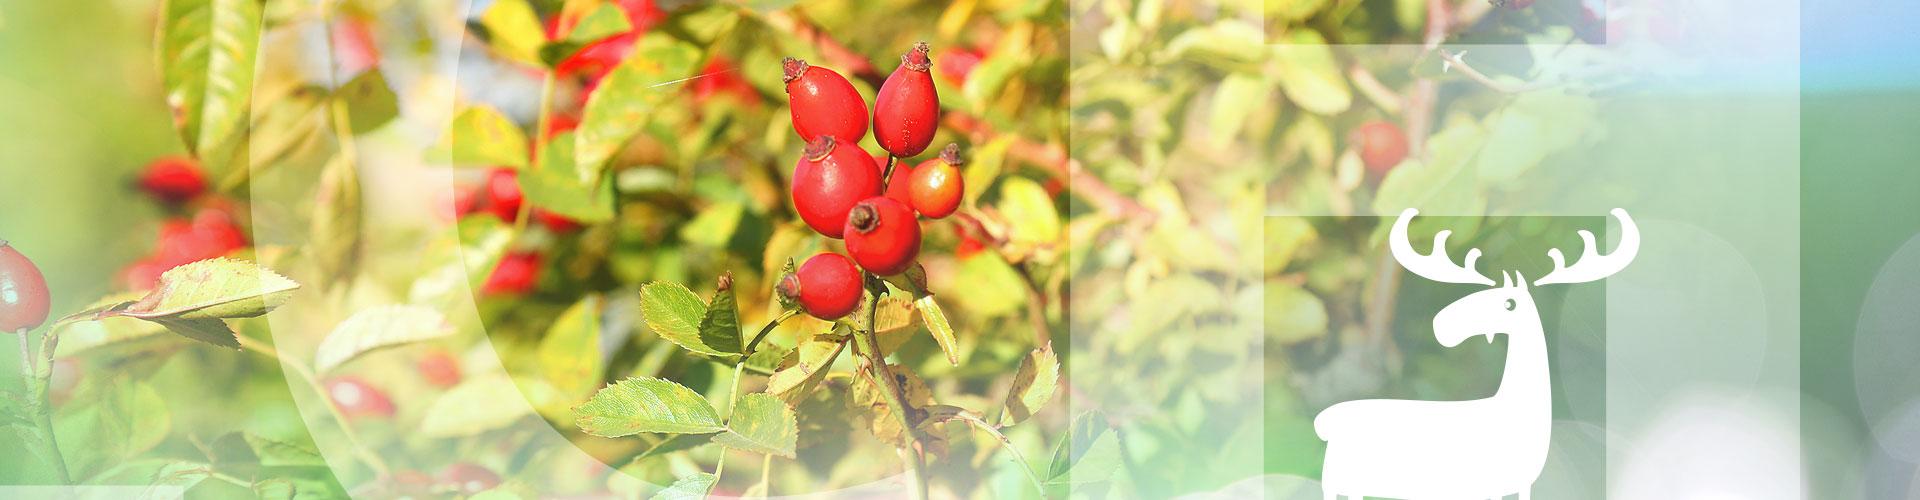 slider21_herbst2.jpg